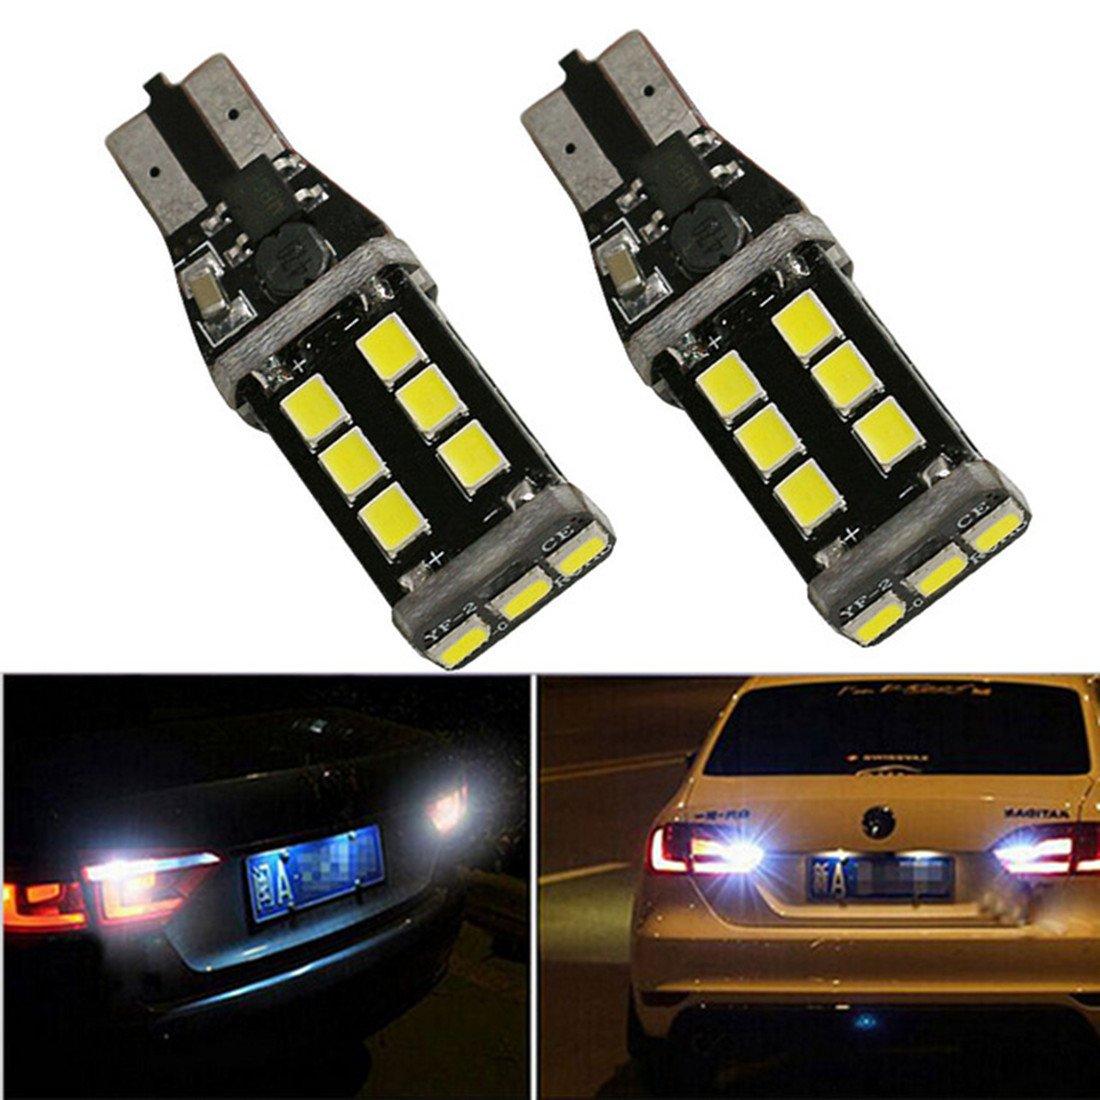 FEZZ 2pcs lampadine LED CANBUS T15 2835 15SMD luci di stop girare segnale della parte posteriore dell'automobile auto esterno bianco FZ0008-01